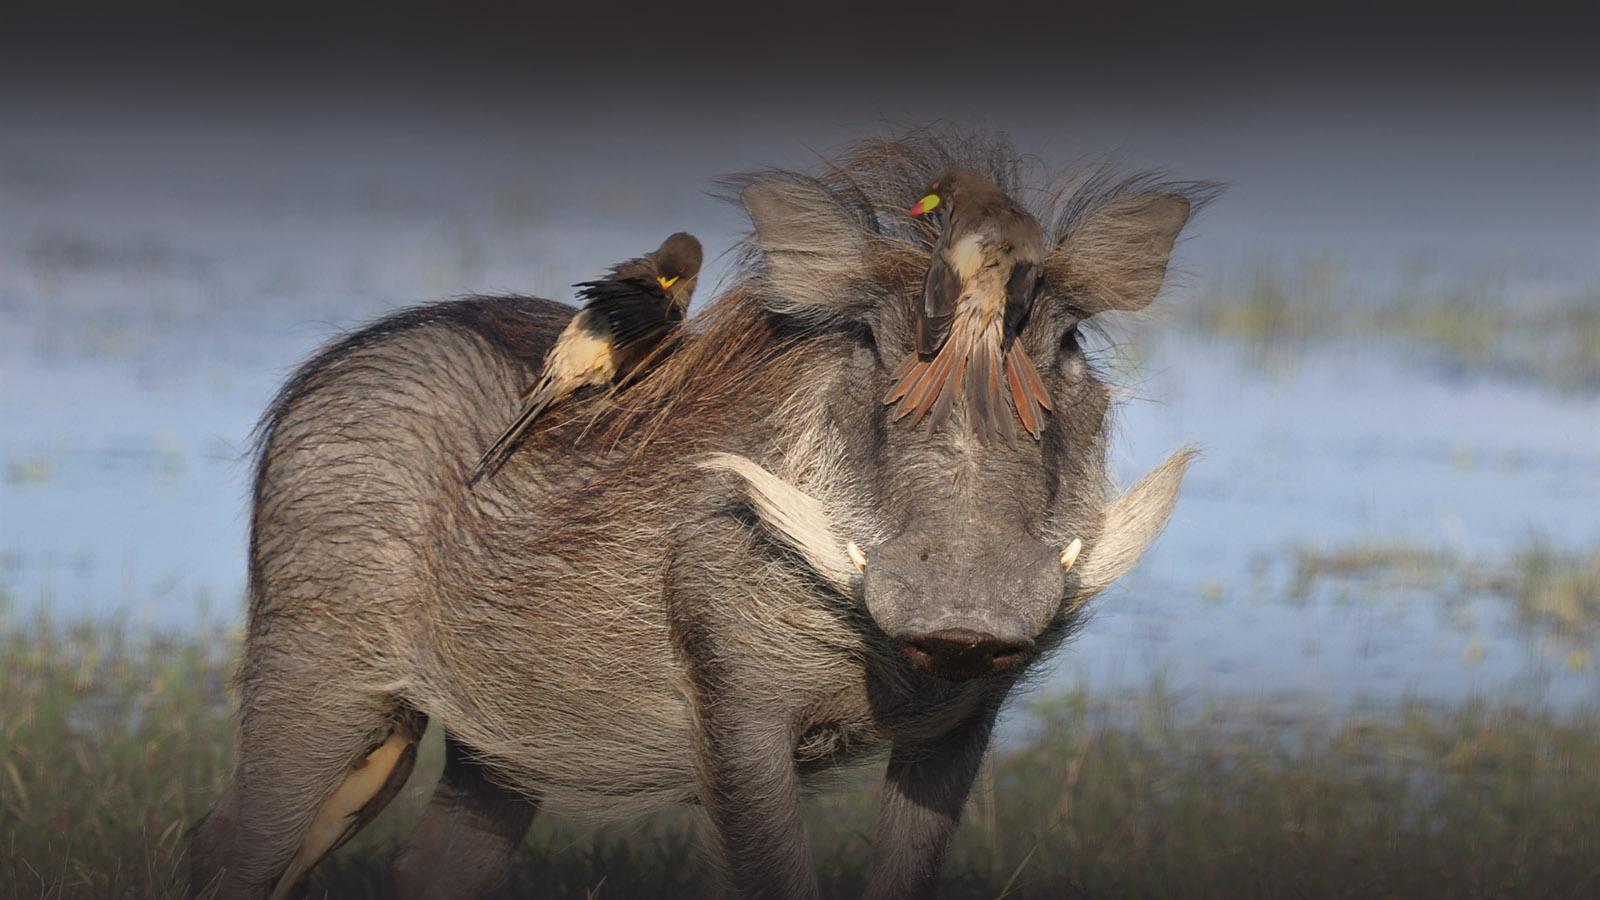 the hide hwange-national-park-lodges-zimbabwe-accommodation-warthog-birds